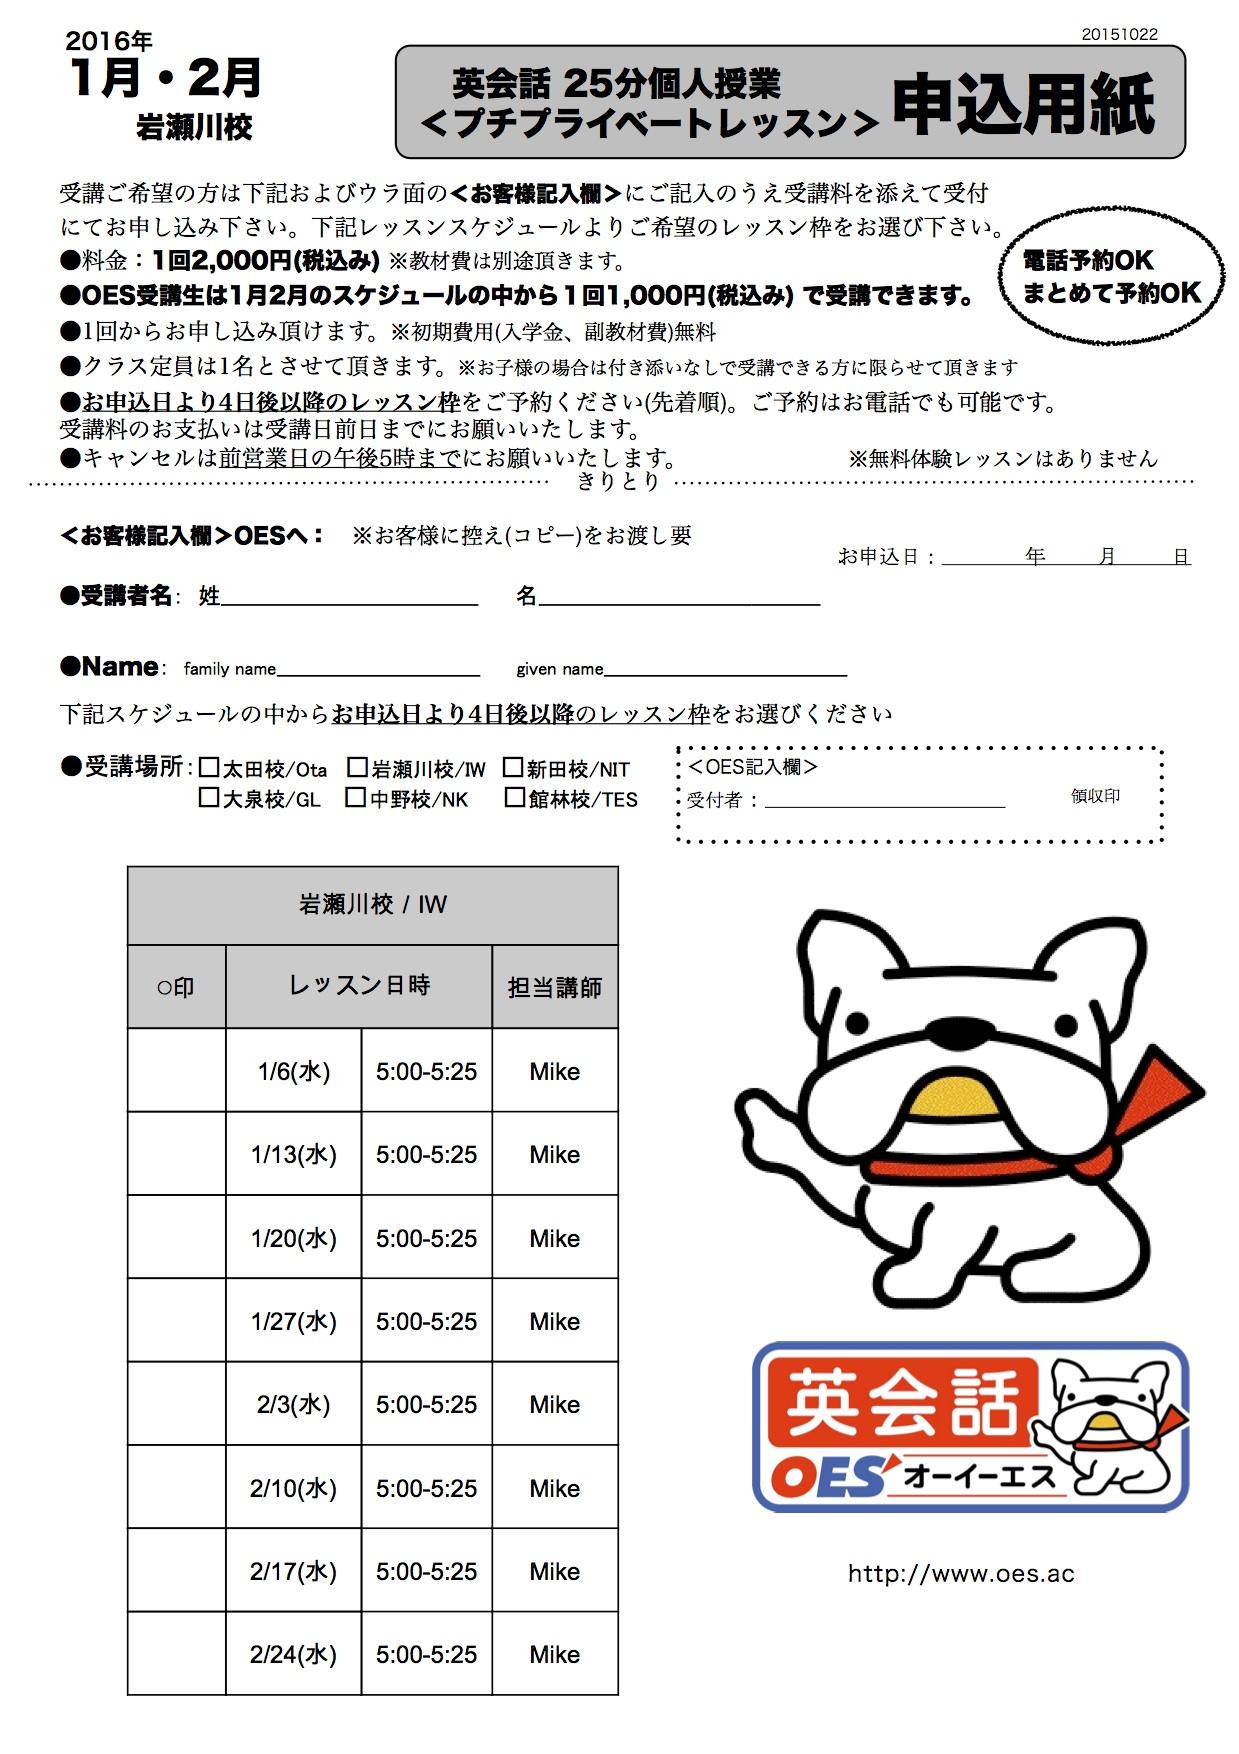 1月2月岩瀬川校プチプライベートレッスン申込用紙